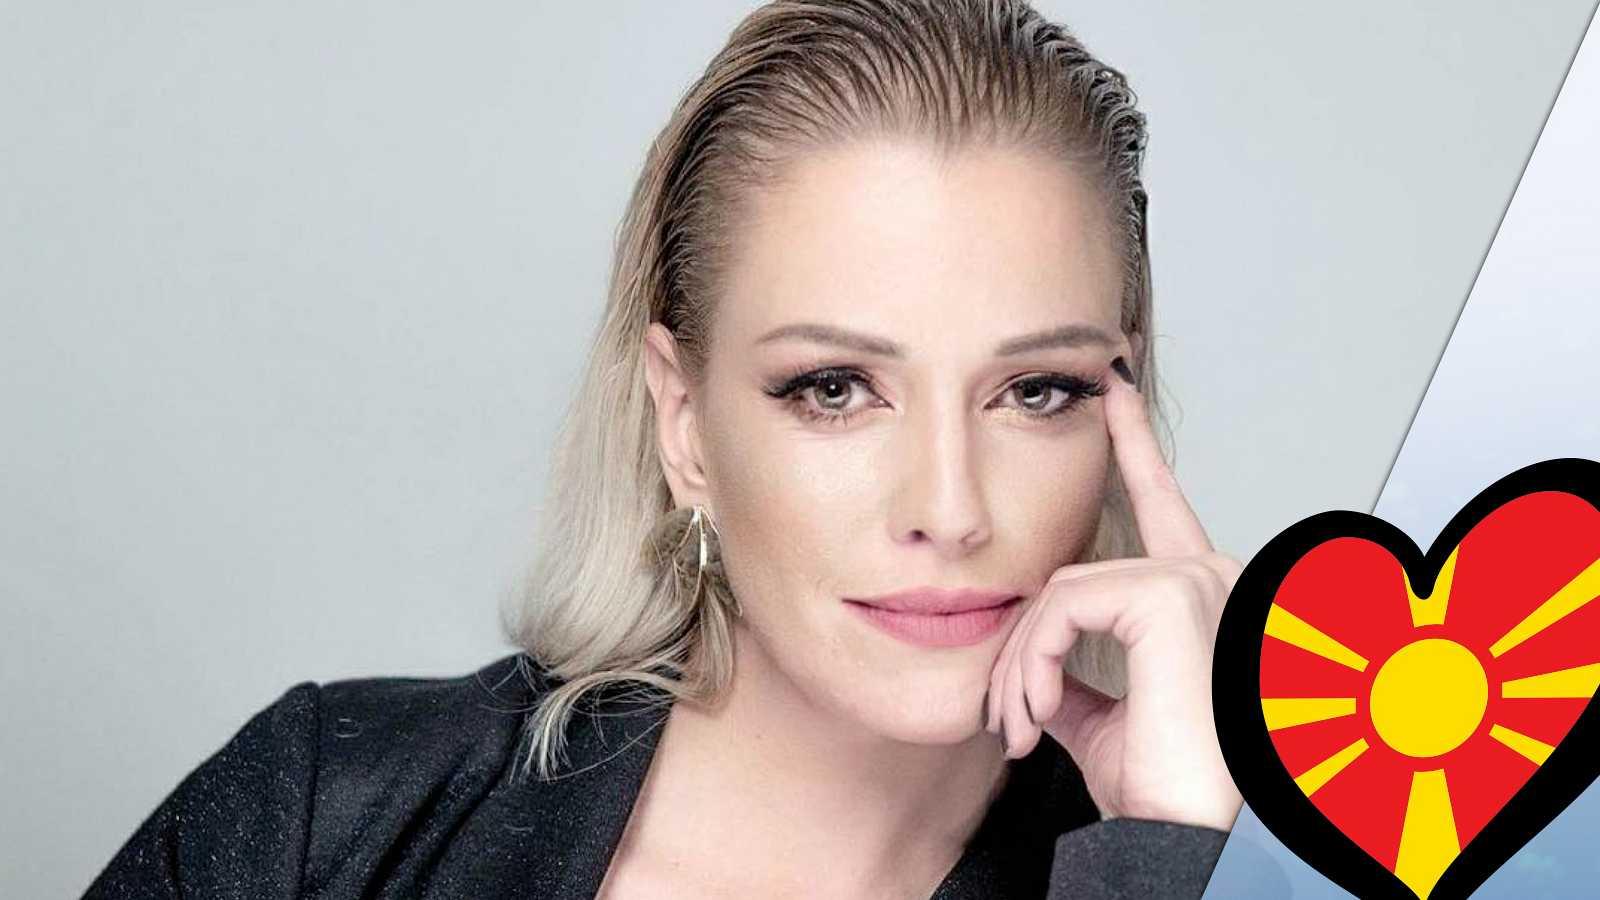 """Eurovisión 2019 - Tamara Todevska (ARY de Macedonia): Videoclip de """"Proud"""""""